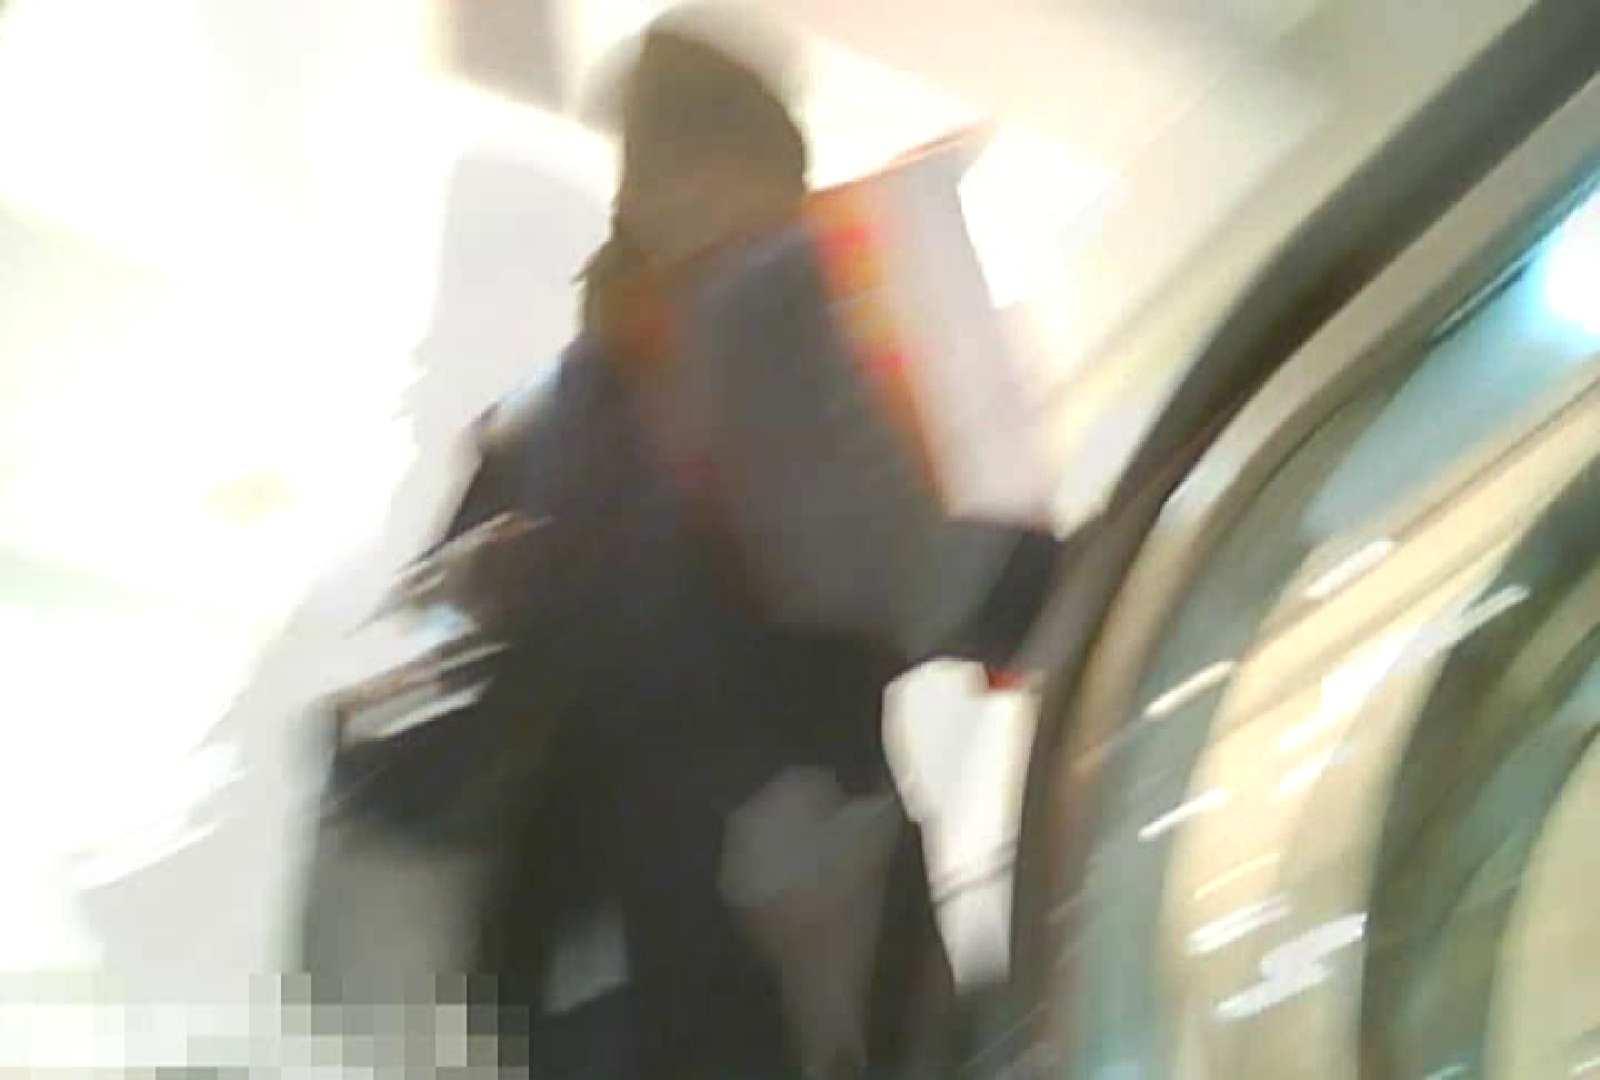 「チキン男」さんの制服ウォッチングVol.5 学校潜伏 のぞき濡れ場動画紹介 48pic 3